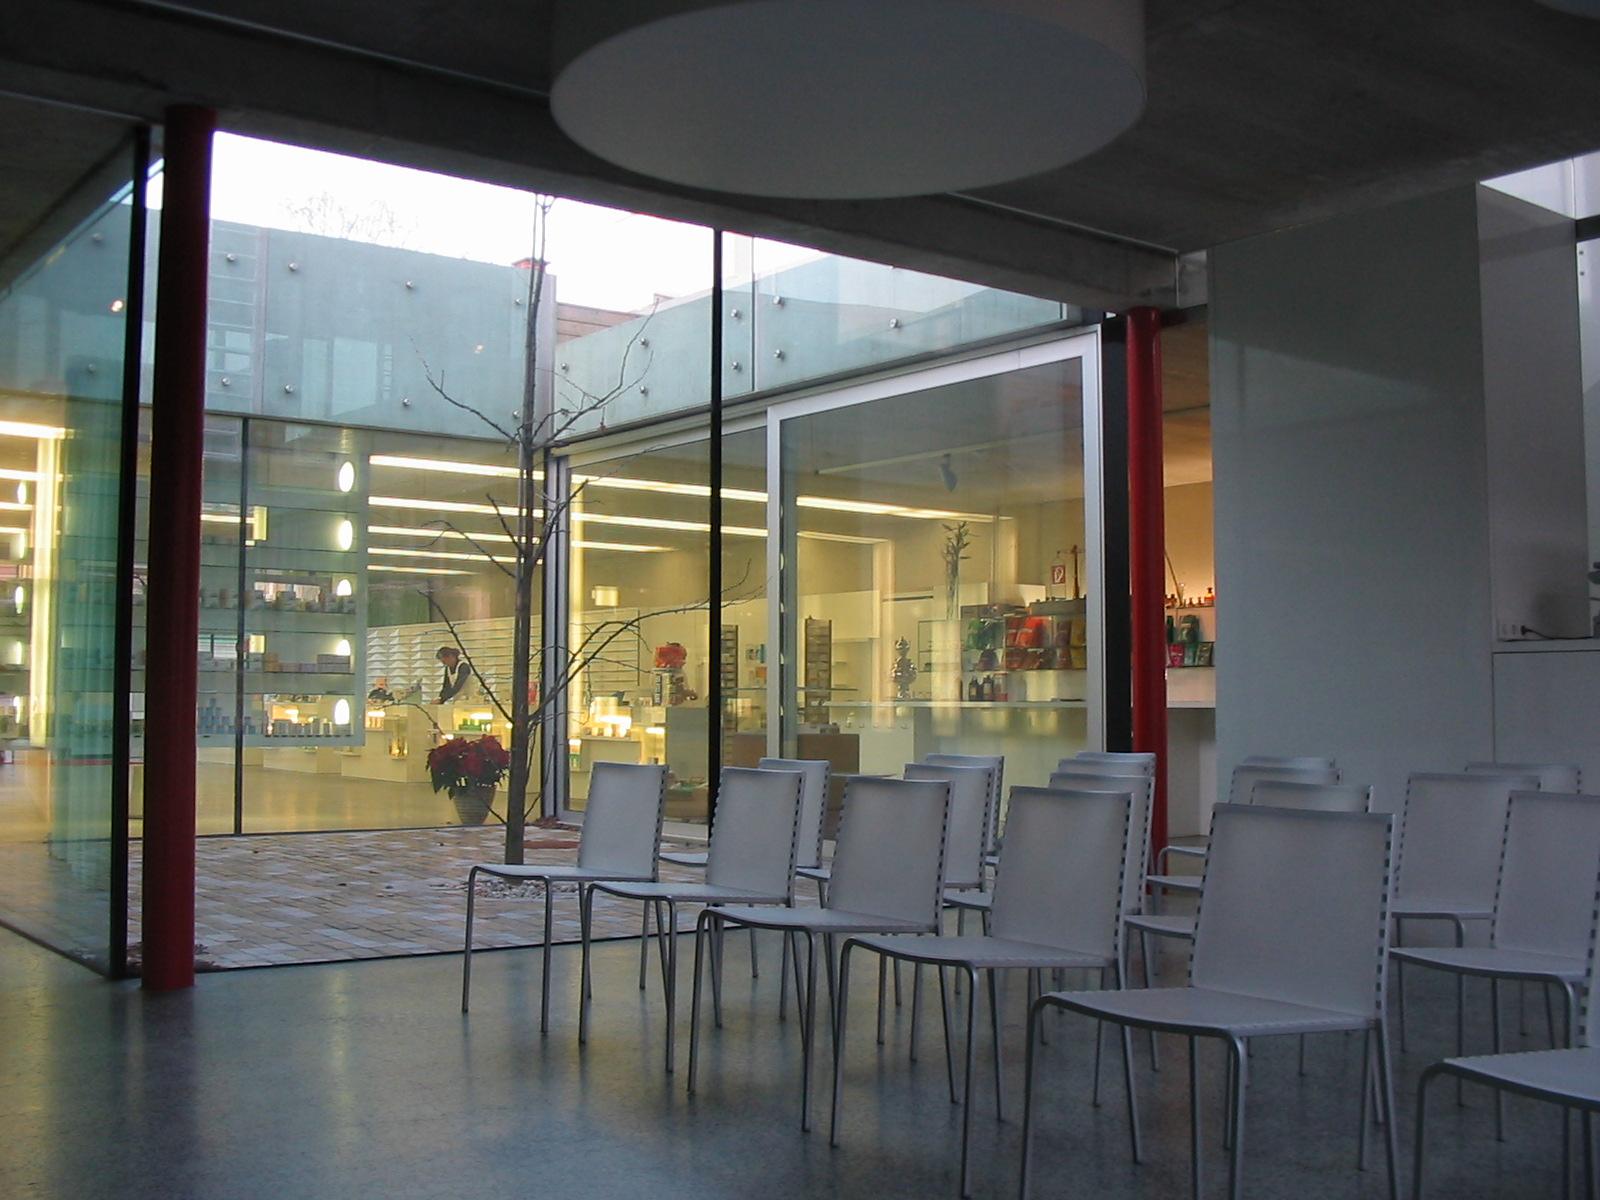 Apo Aspern Seminarraum (c) Apo Aspern